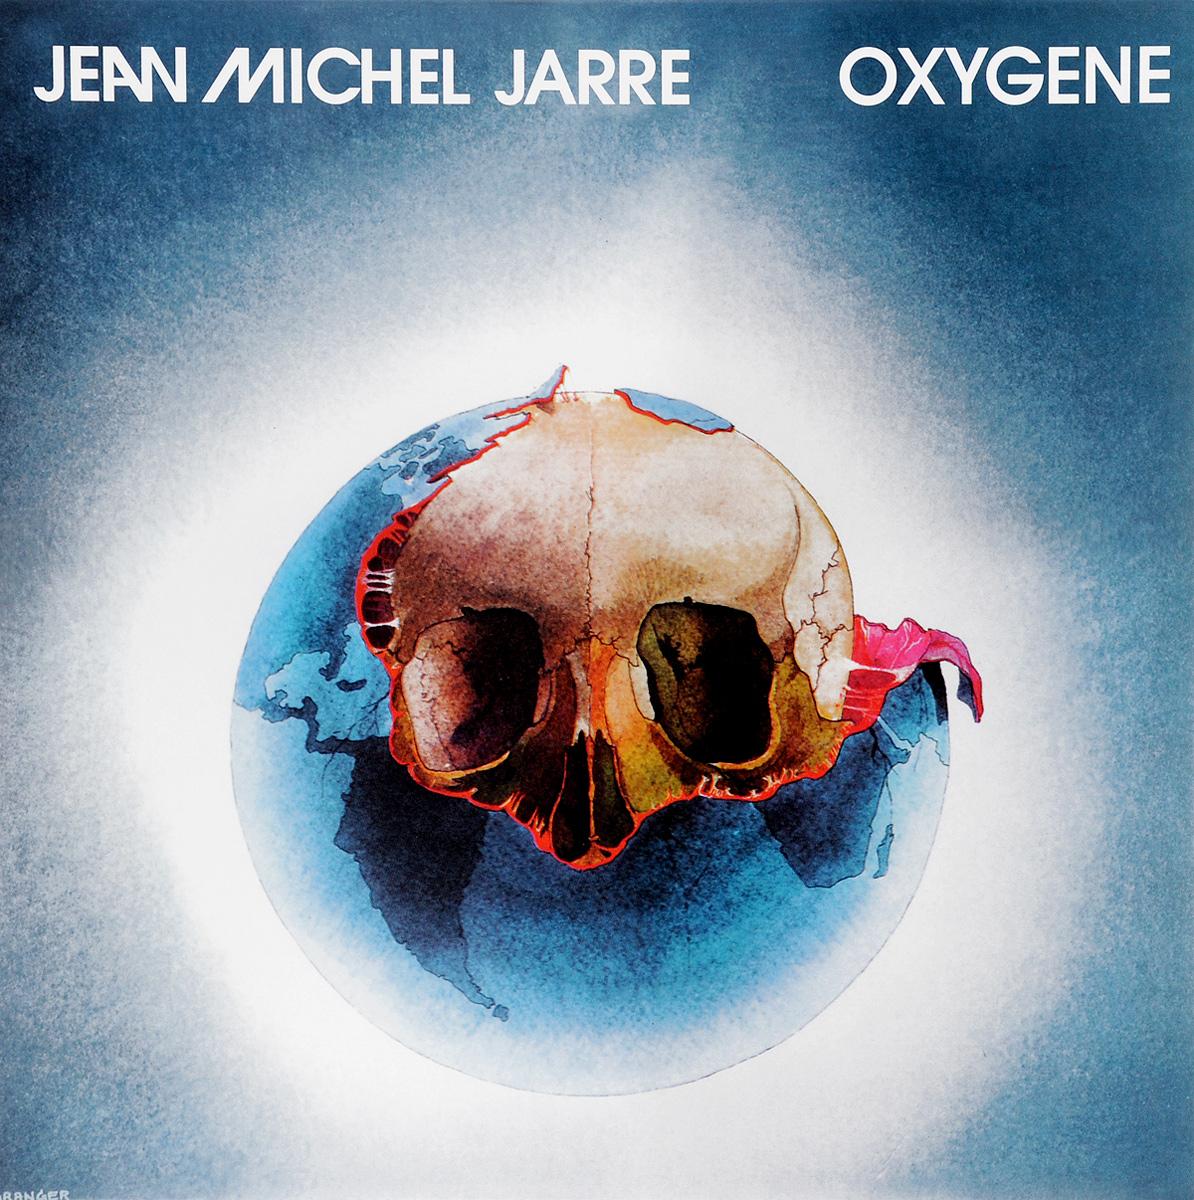 Жан-Мишель Жарр Jean Michel Jarre. Oxygene (LP) jean michel jarre jean michel jarre oxygene trilogy 3 lp